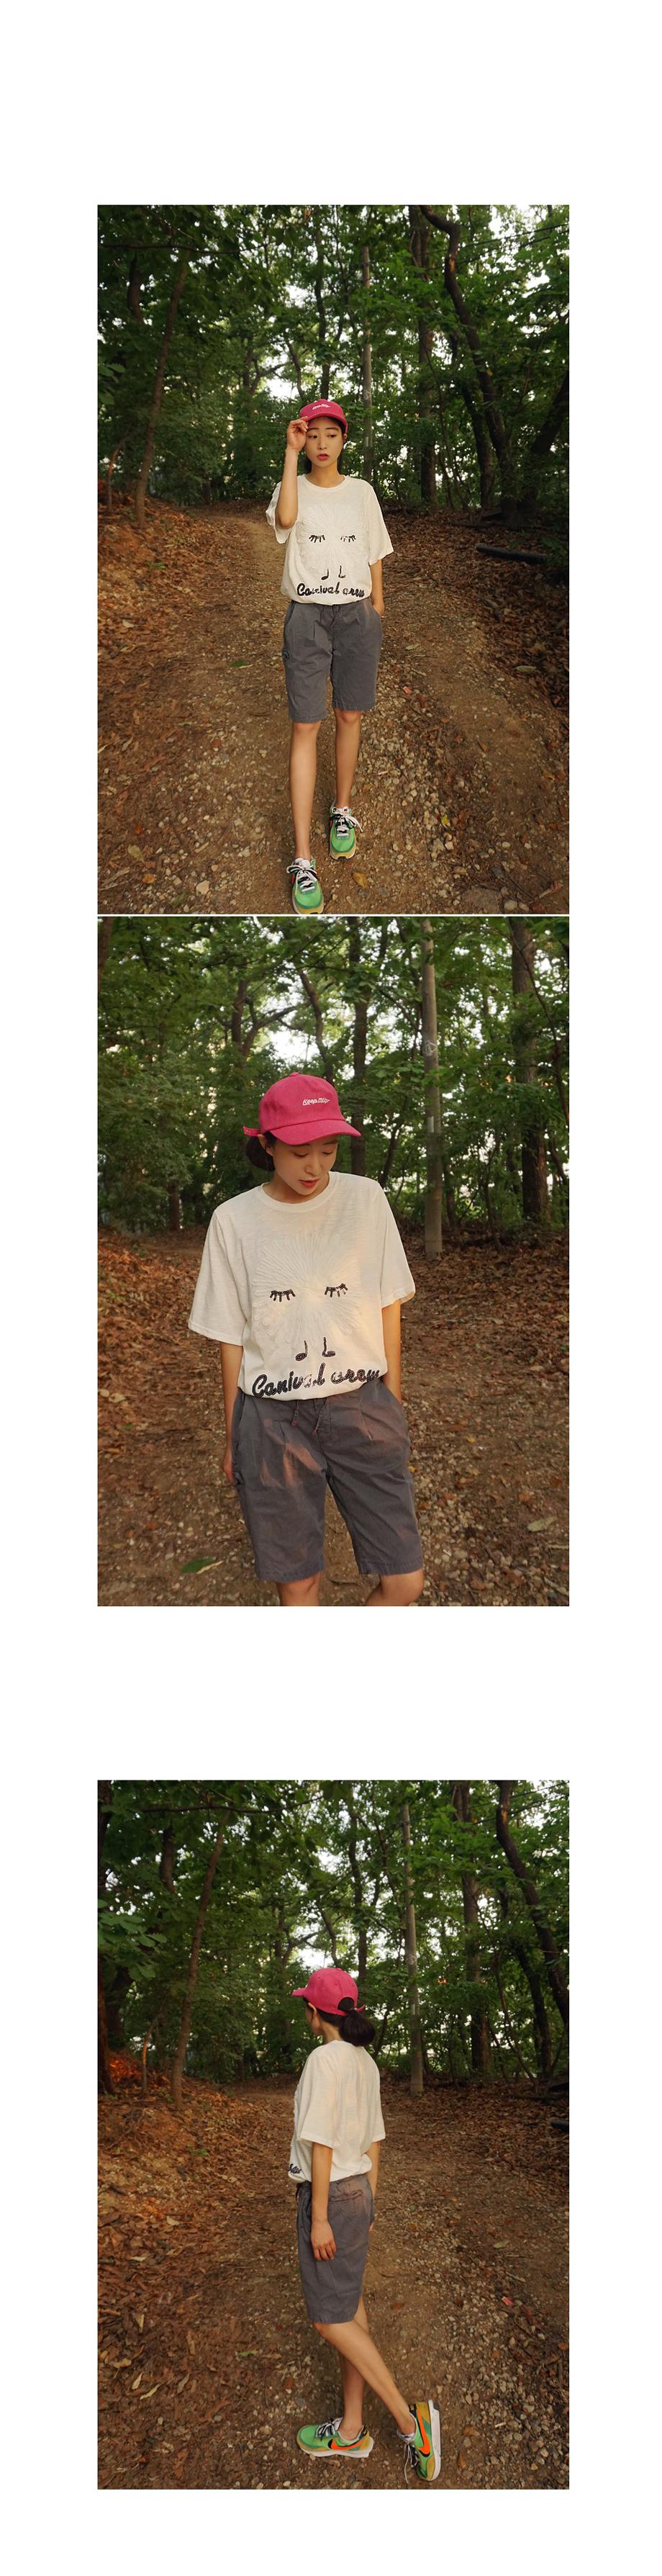 슬라브 코튼 오버핏 스팽글 화이트 반팔티셔츠 - 앞머리, 28,500원, 상의, 반팔티셔츠